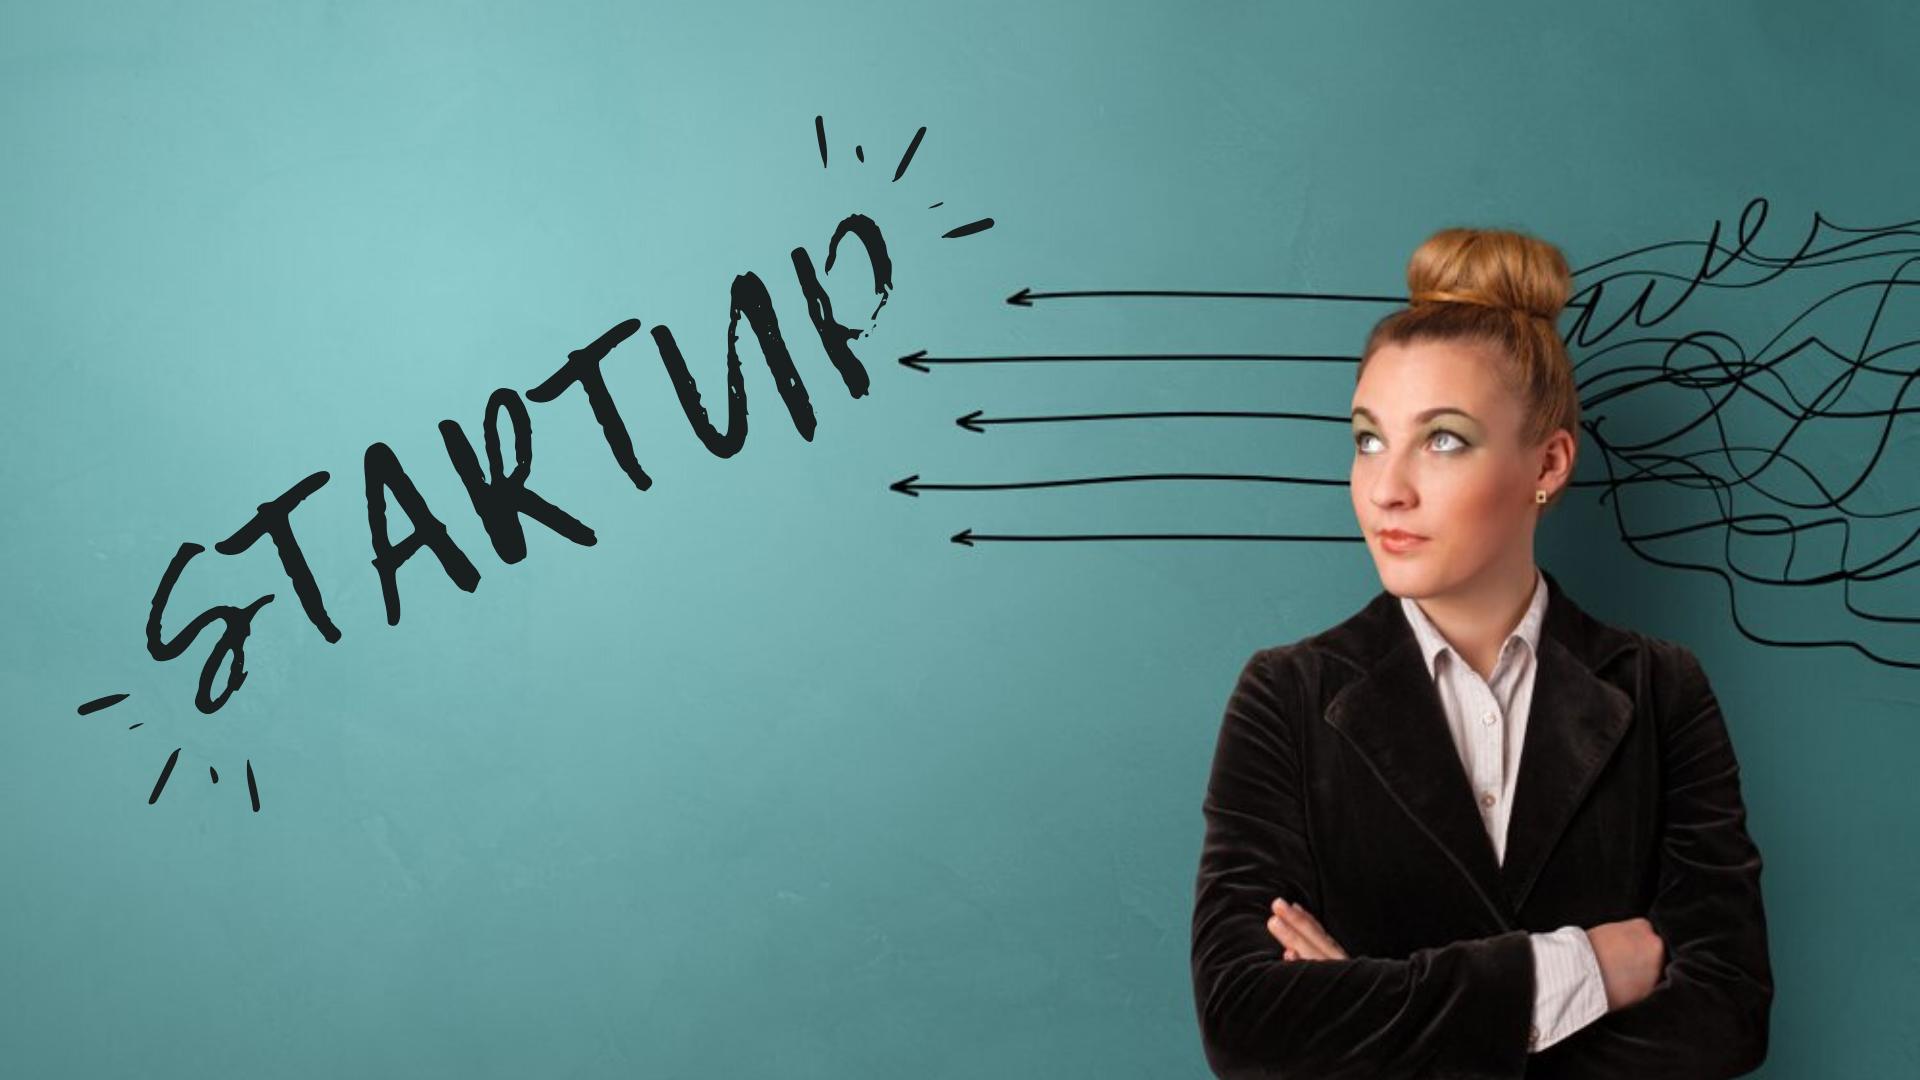 Što je startup i zašto je zanimljiv poduzetnicima?